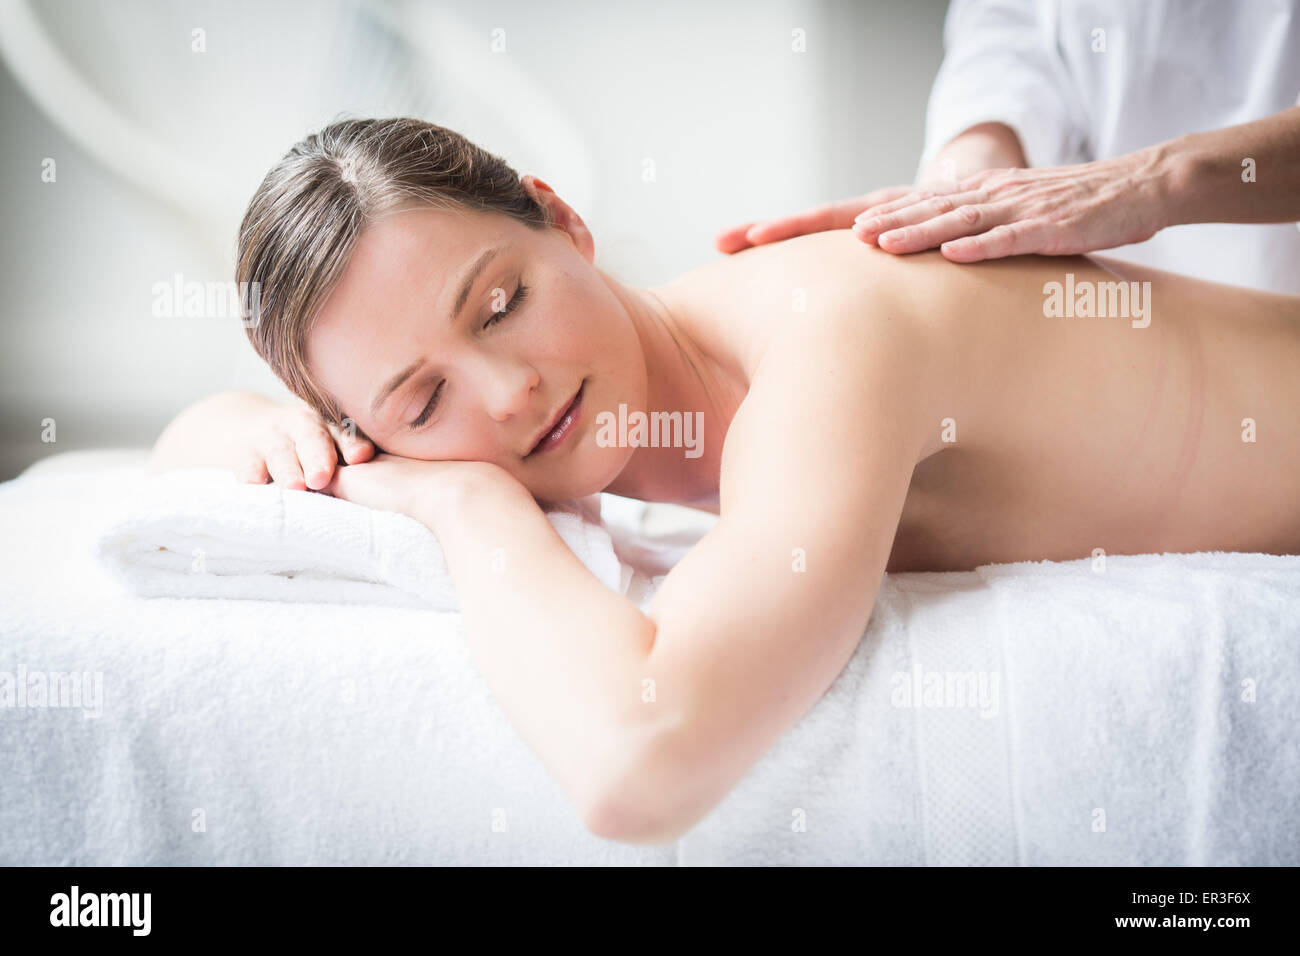 Femme recevant un massage de dos. Photo Stock